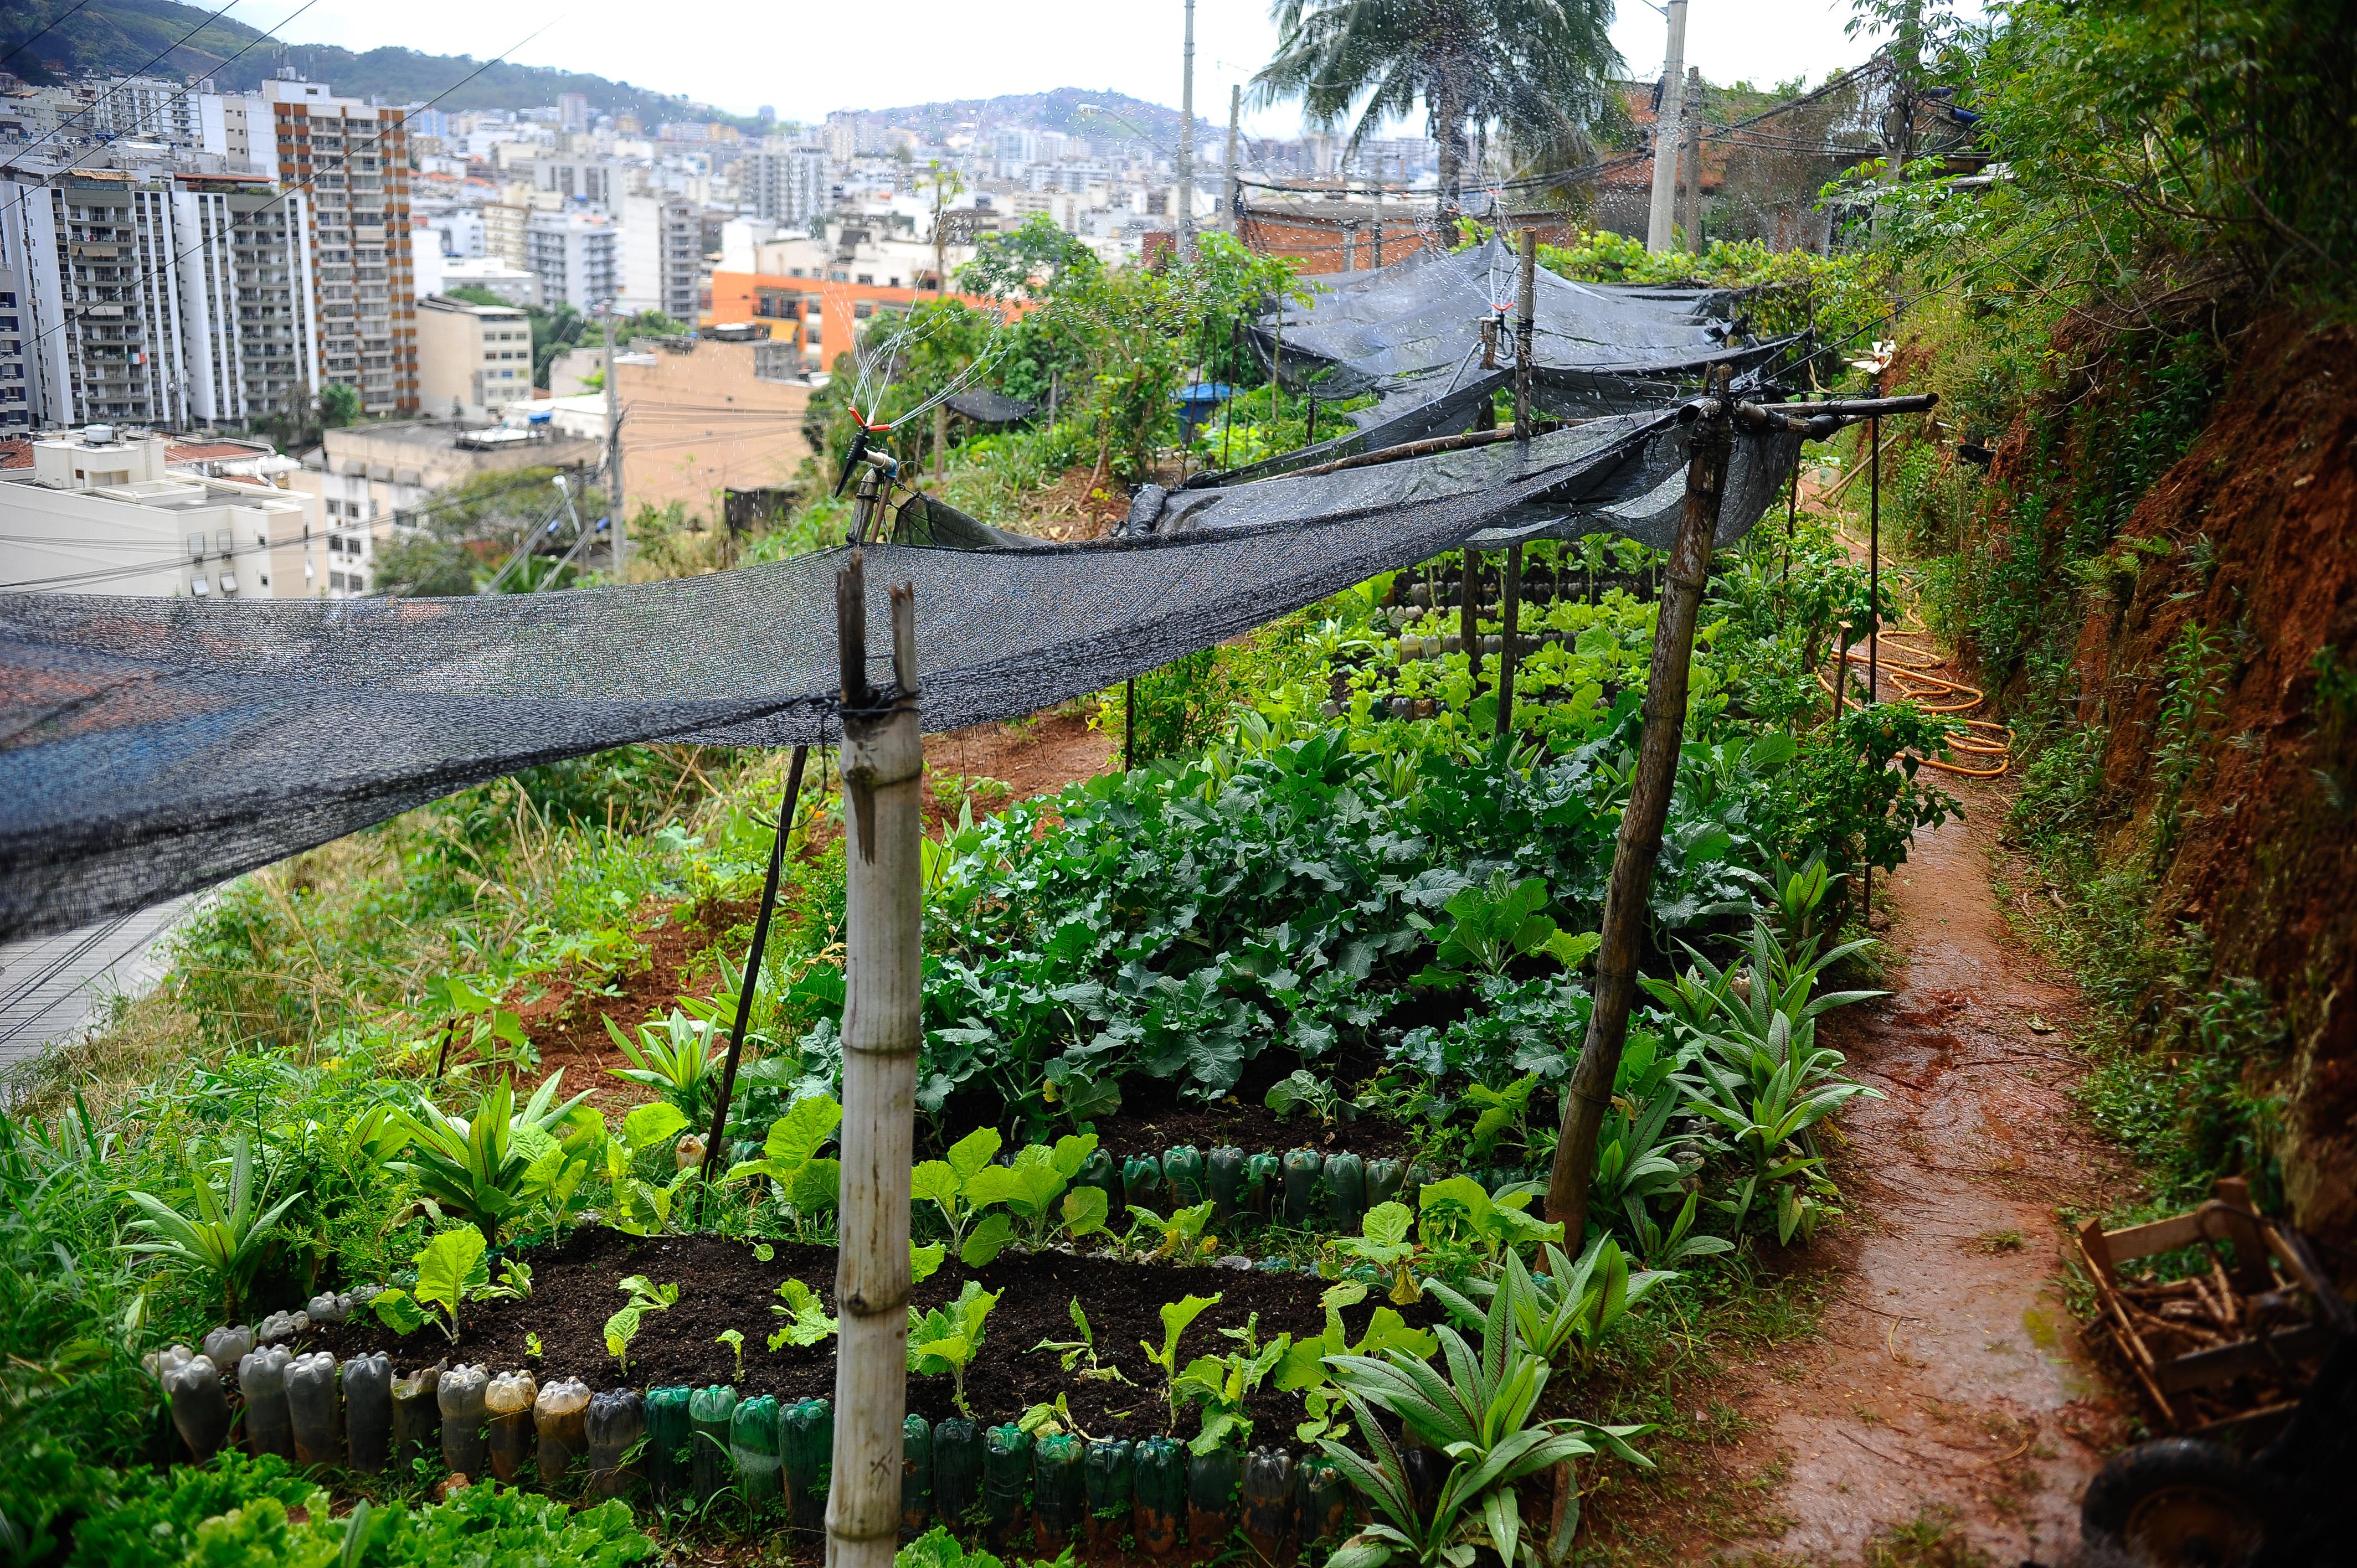 Horta comunitária no Morro da Formiga, na Tijuca, bairro da zona norte do Rio de Janeiro, faz parte do Projeto Hortas Cariocas Tomaz Silva/Agência Brasil